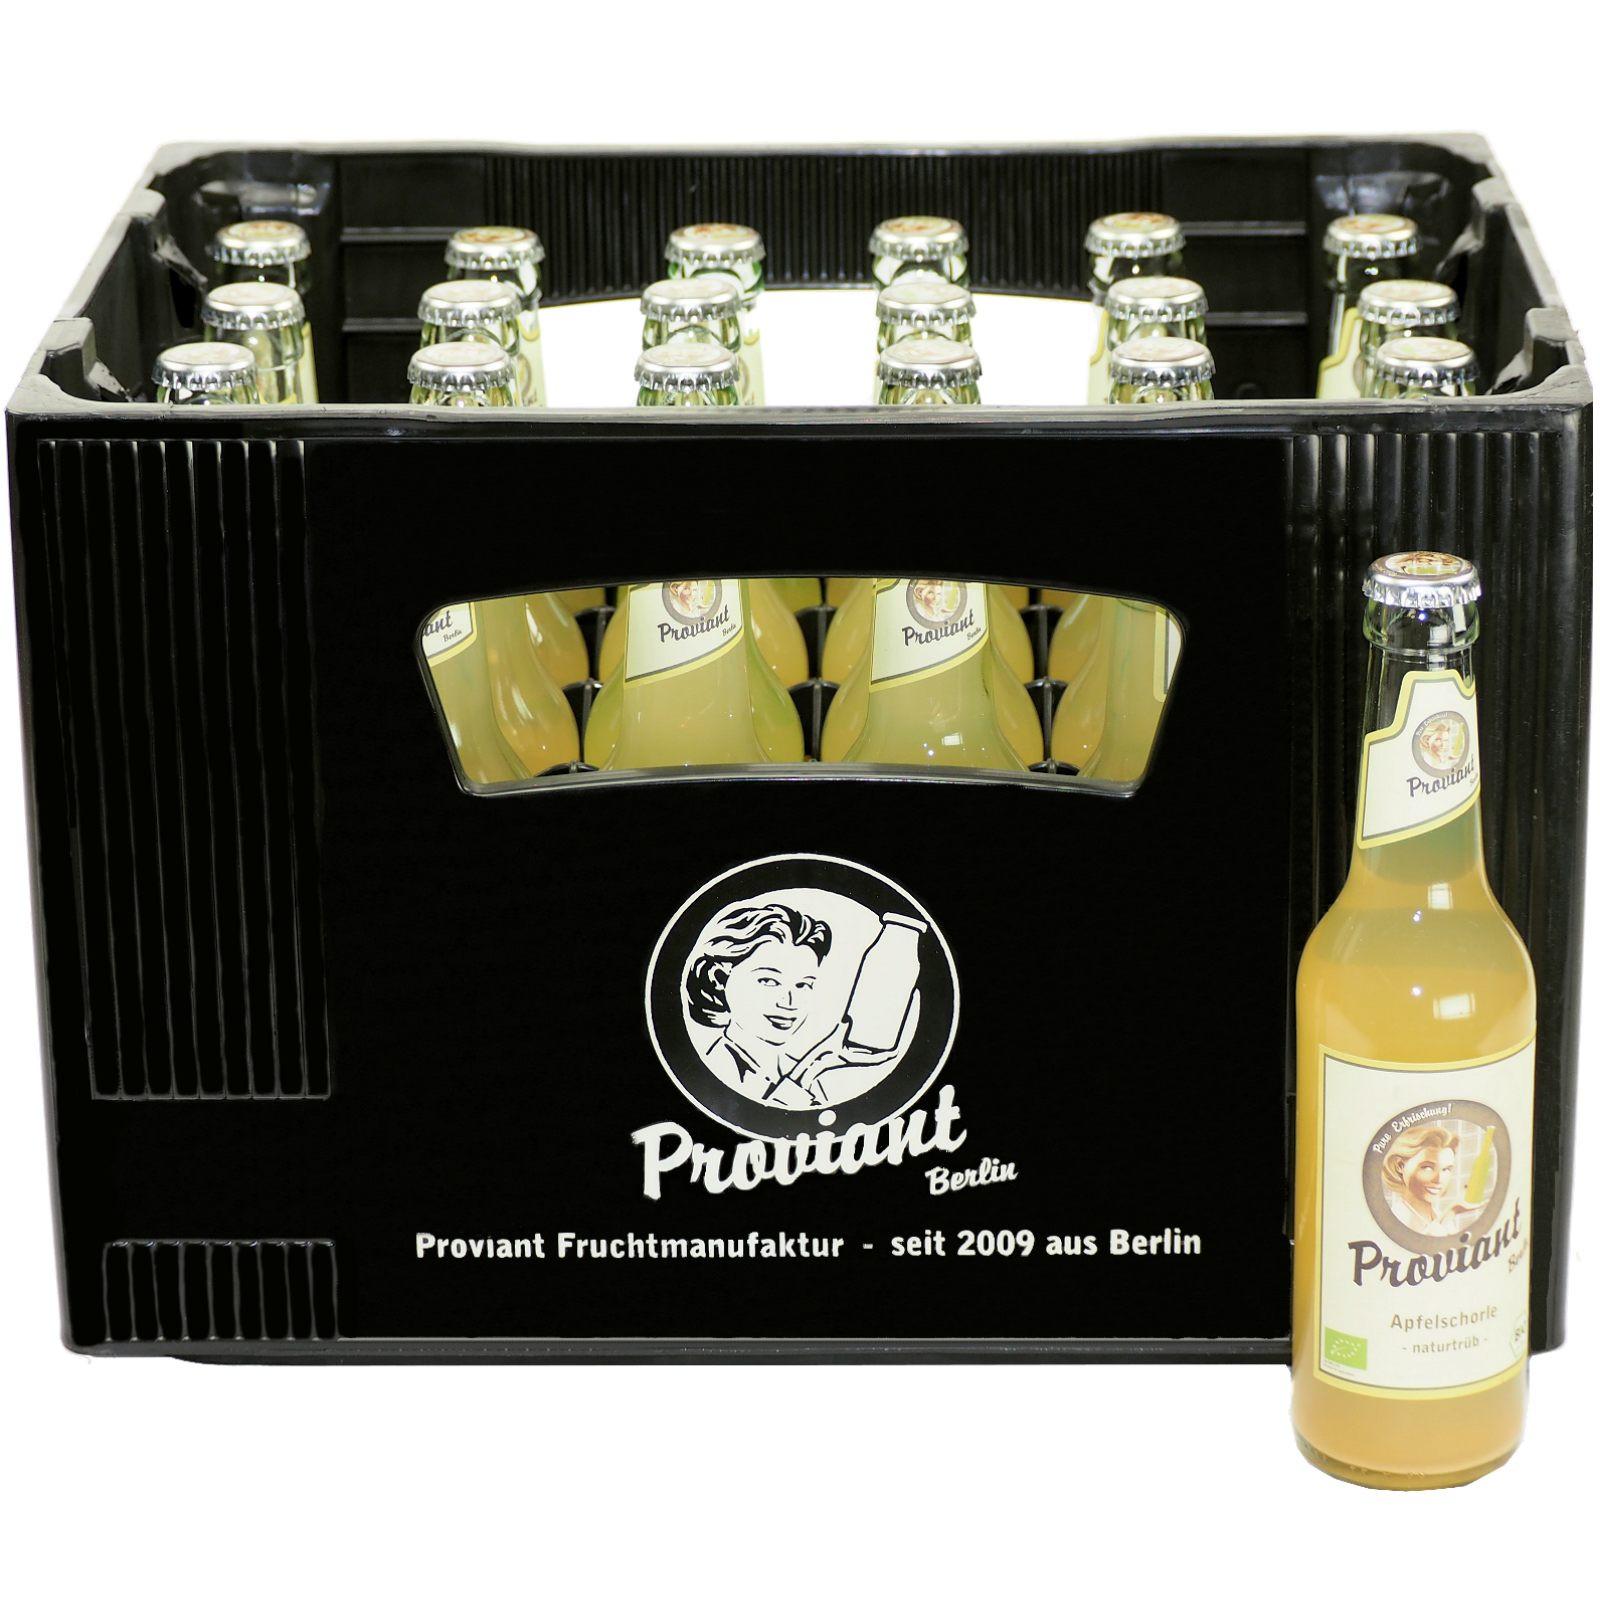 Getränke Liefern Berlin  Wir liefern Ihnen in Berlin Proviant Berlin Apfelschorle